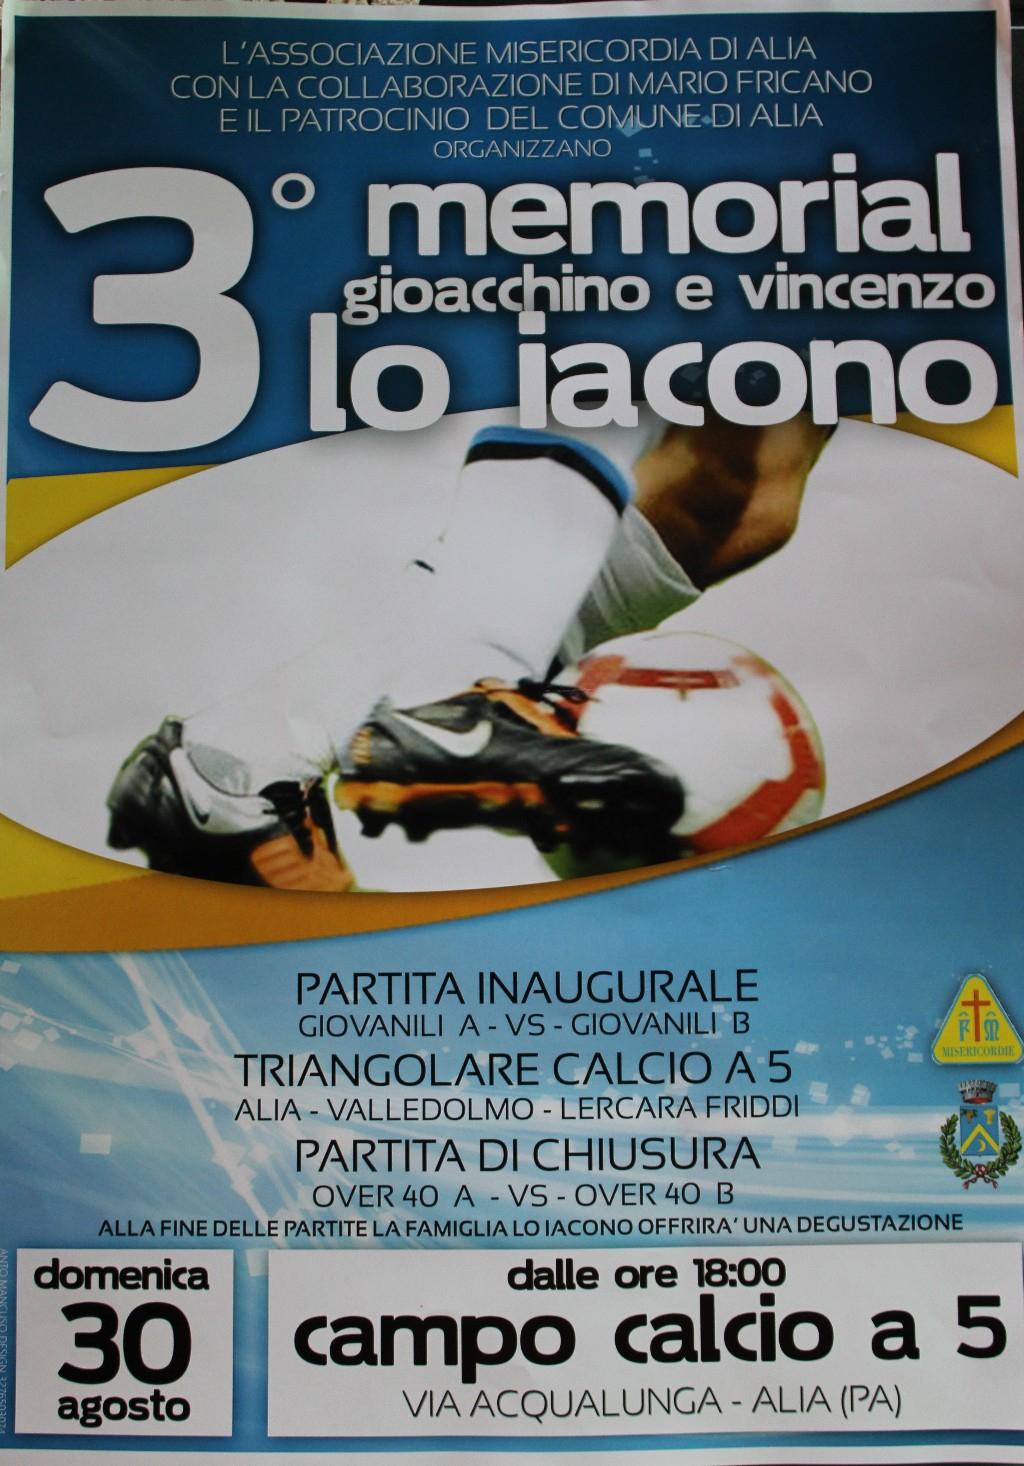 Alia (PA) - 3� Memorial Gioacchino e Vincenzo Lo Iacono